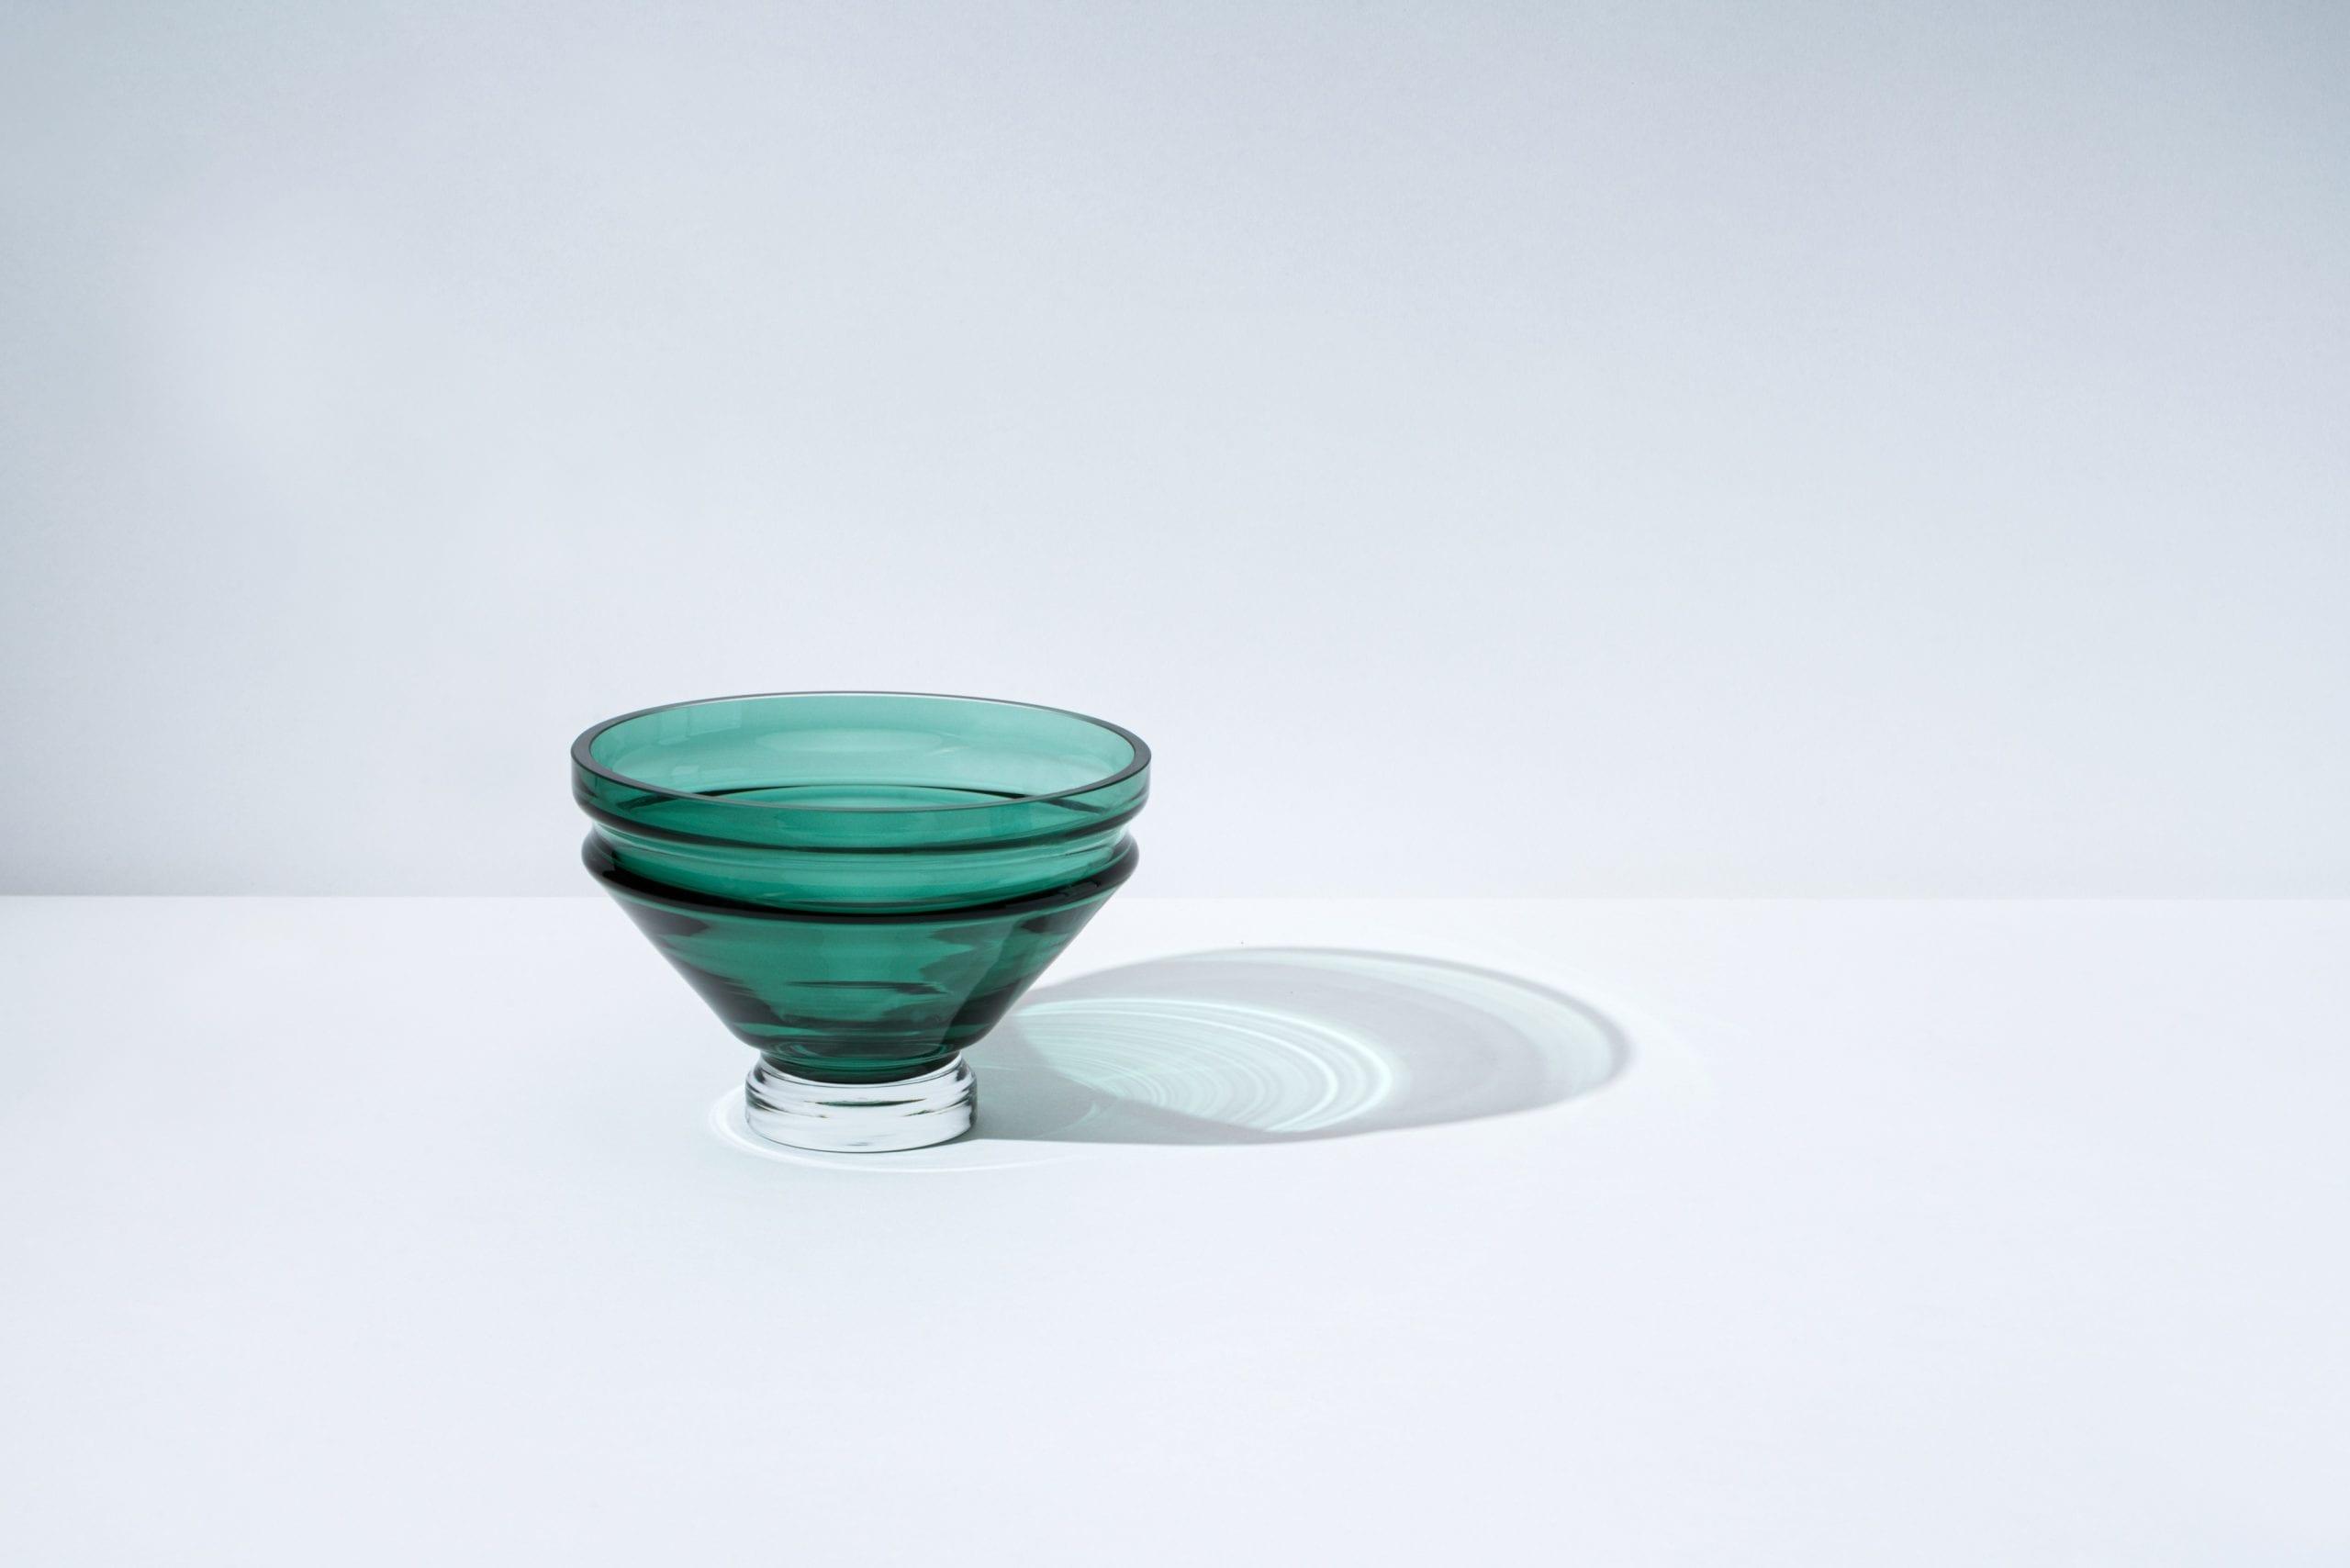 כלי אוכל יוקרתיים מזכוכית בעבודת יד